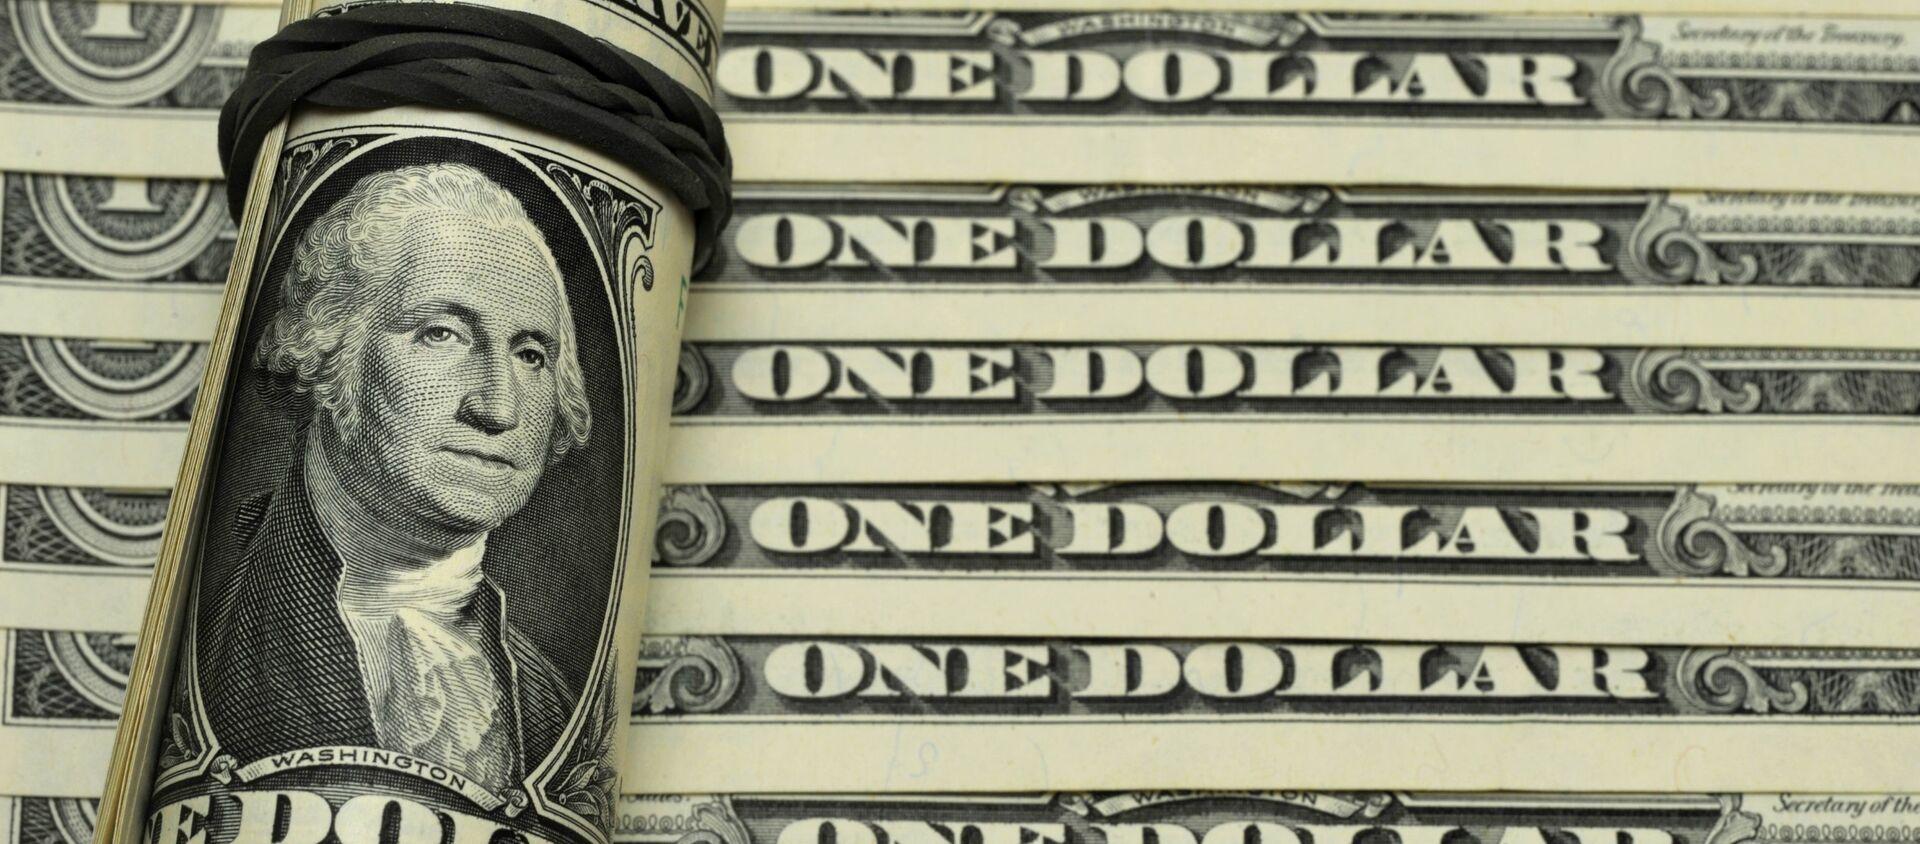 Банкноты номиналом 1 доллар США. - Sputnik Грузия, 1920, 24.02.2021